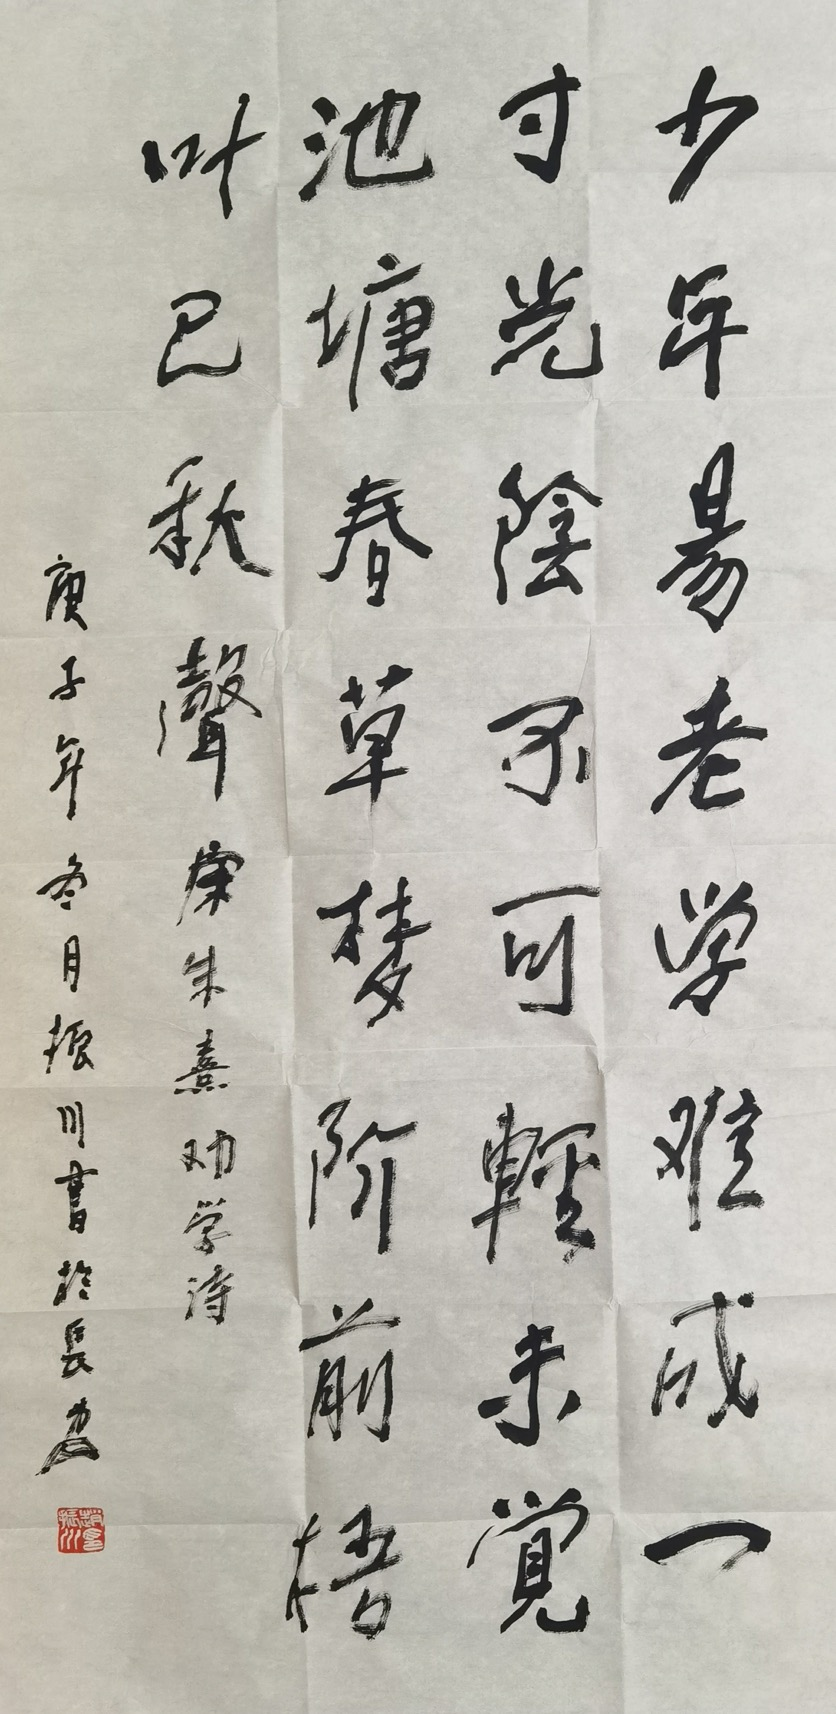 陕西名人字画